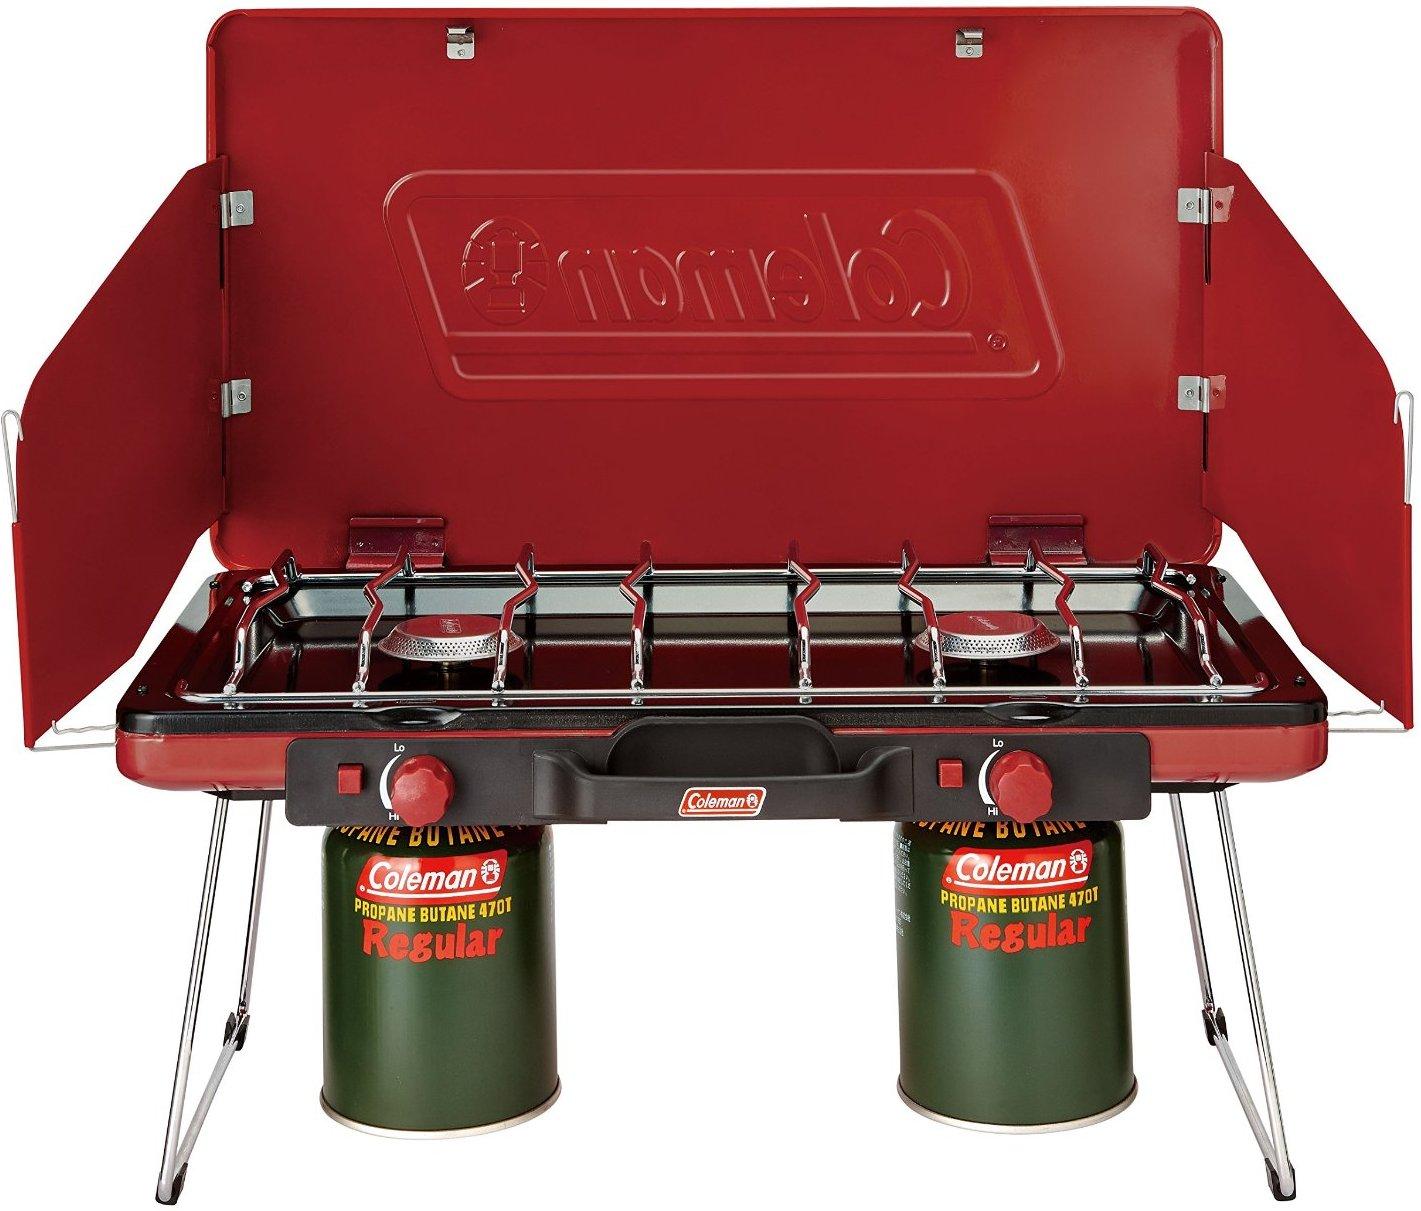 Coleman 瓦斯雙口爐 CM-21950M000 露營雙口爐 2000021950 紅/台北山水